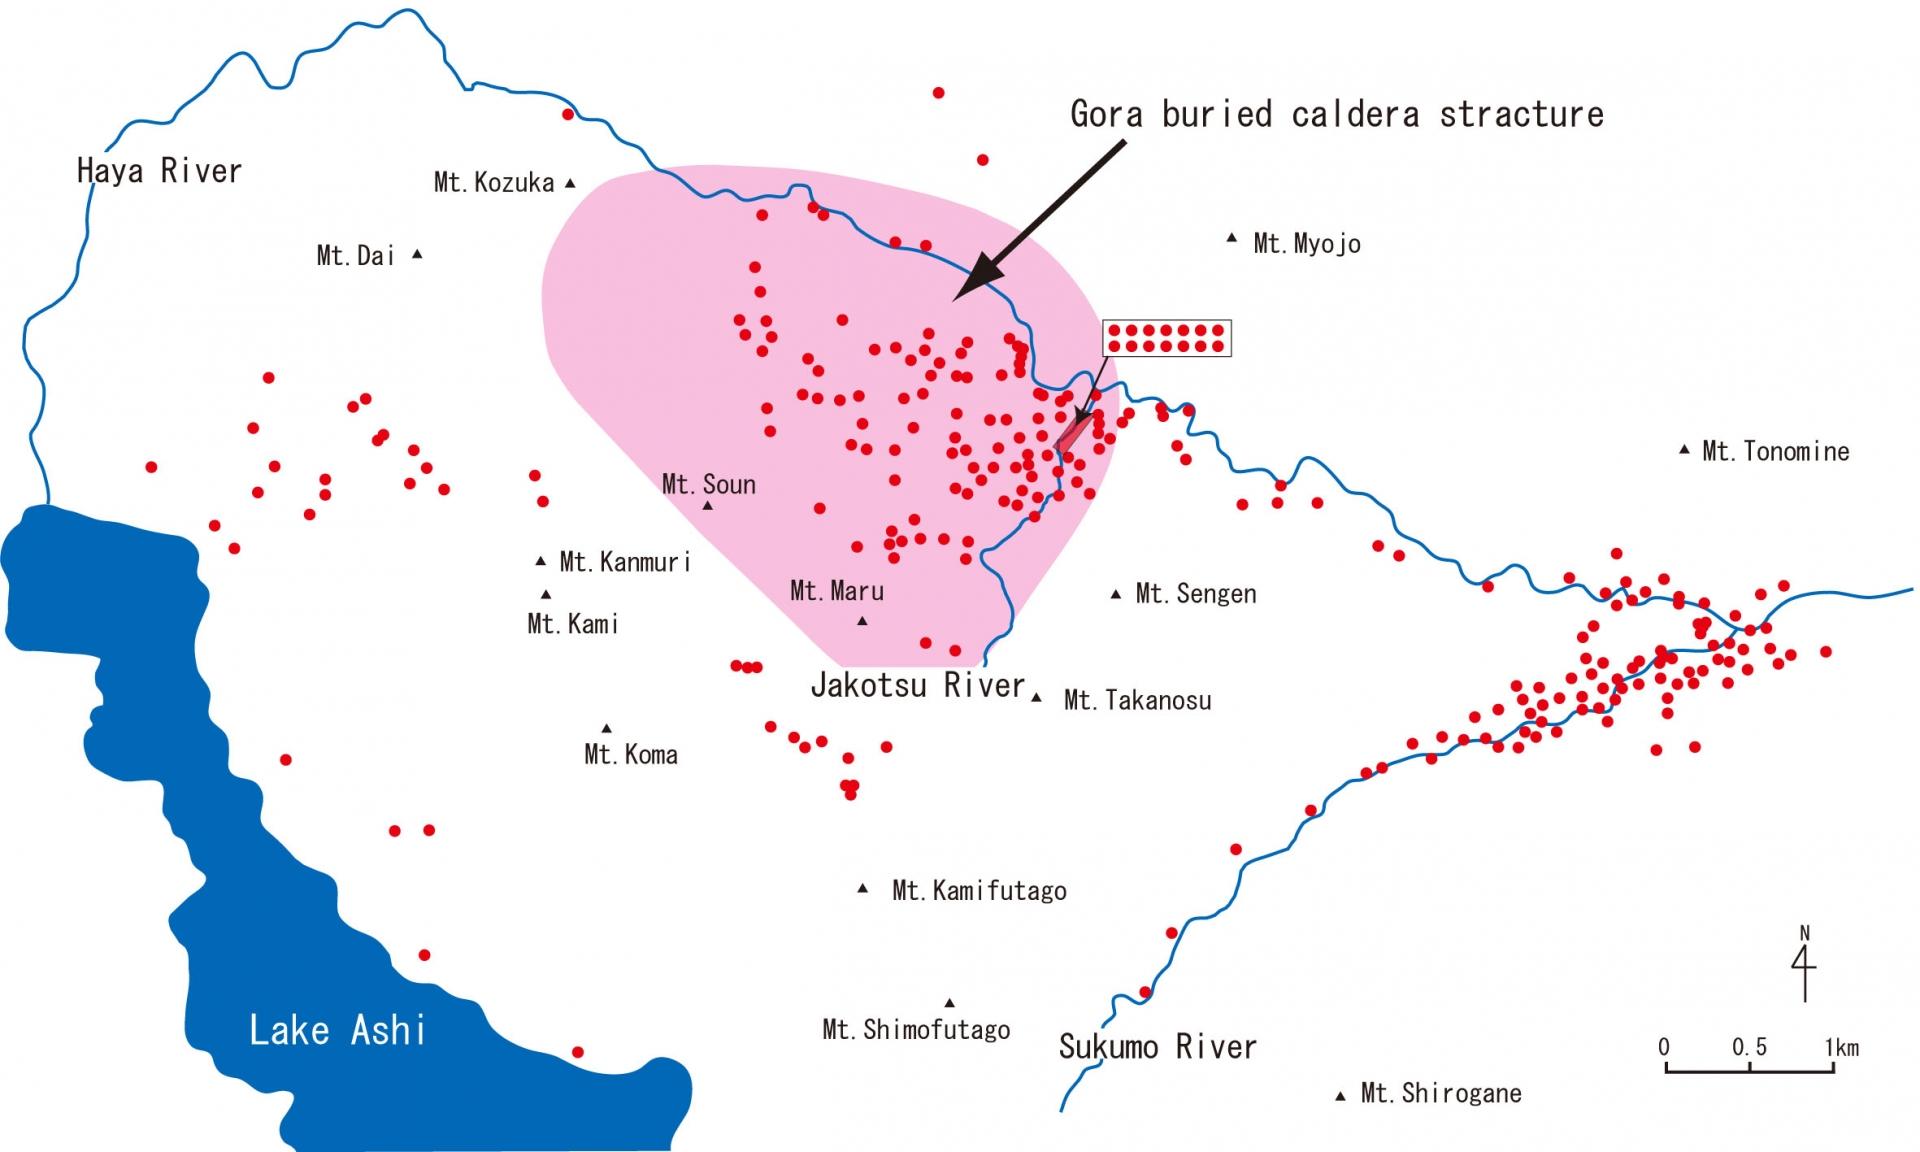 箱根温泉の分布と強羅潜在カルデラ構造の位置